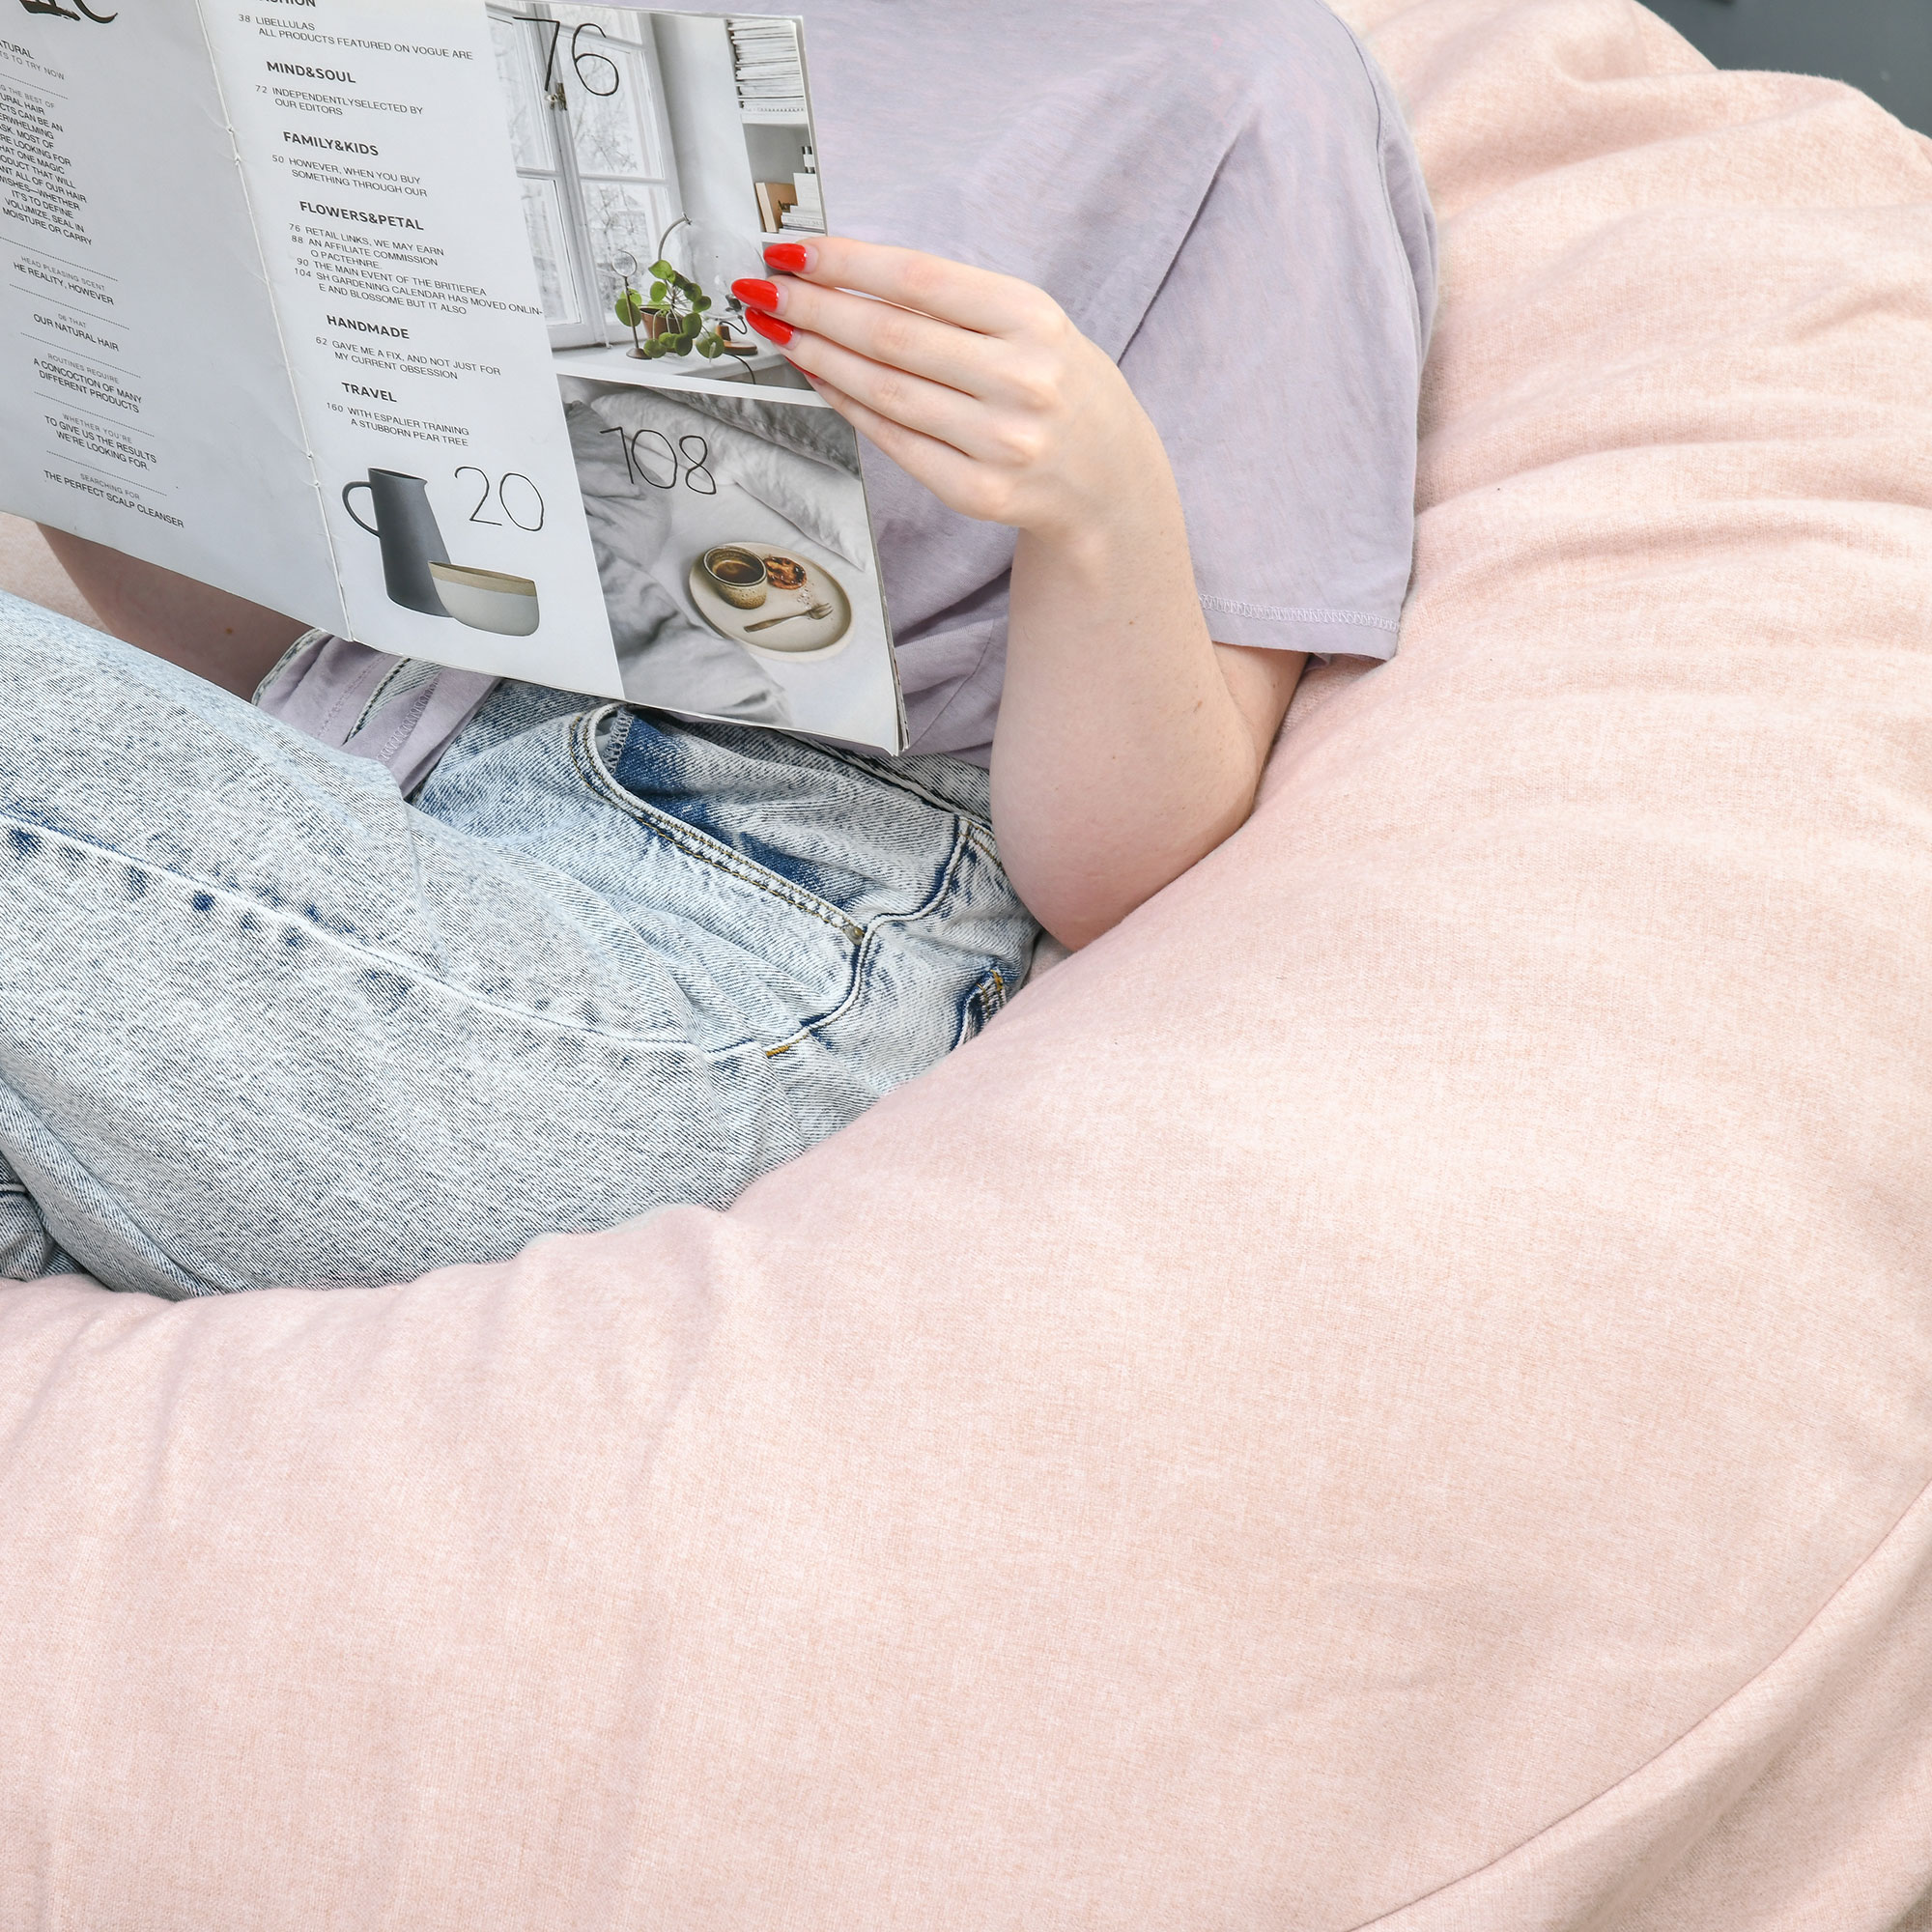 Indexbild 23 - Sitzsack Sitzkissen gepolstert Polyester Schaumstoff 3 Farben